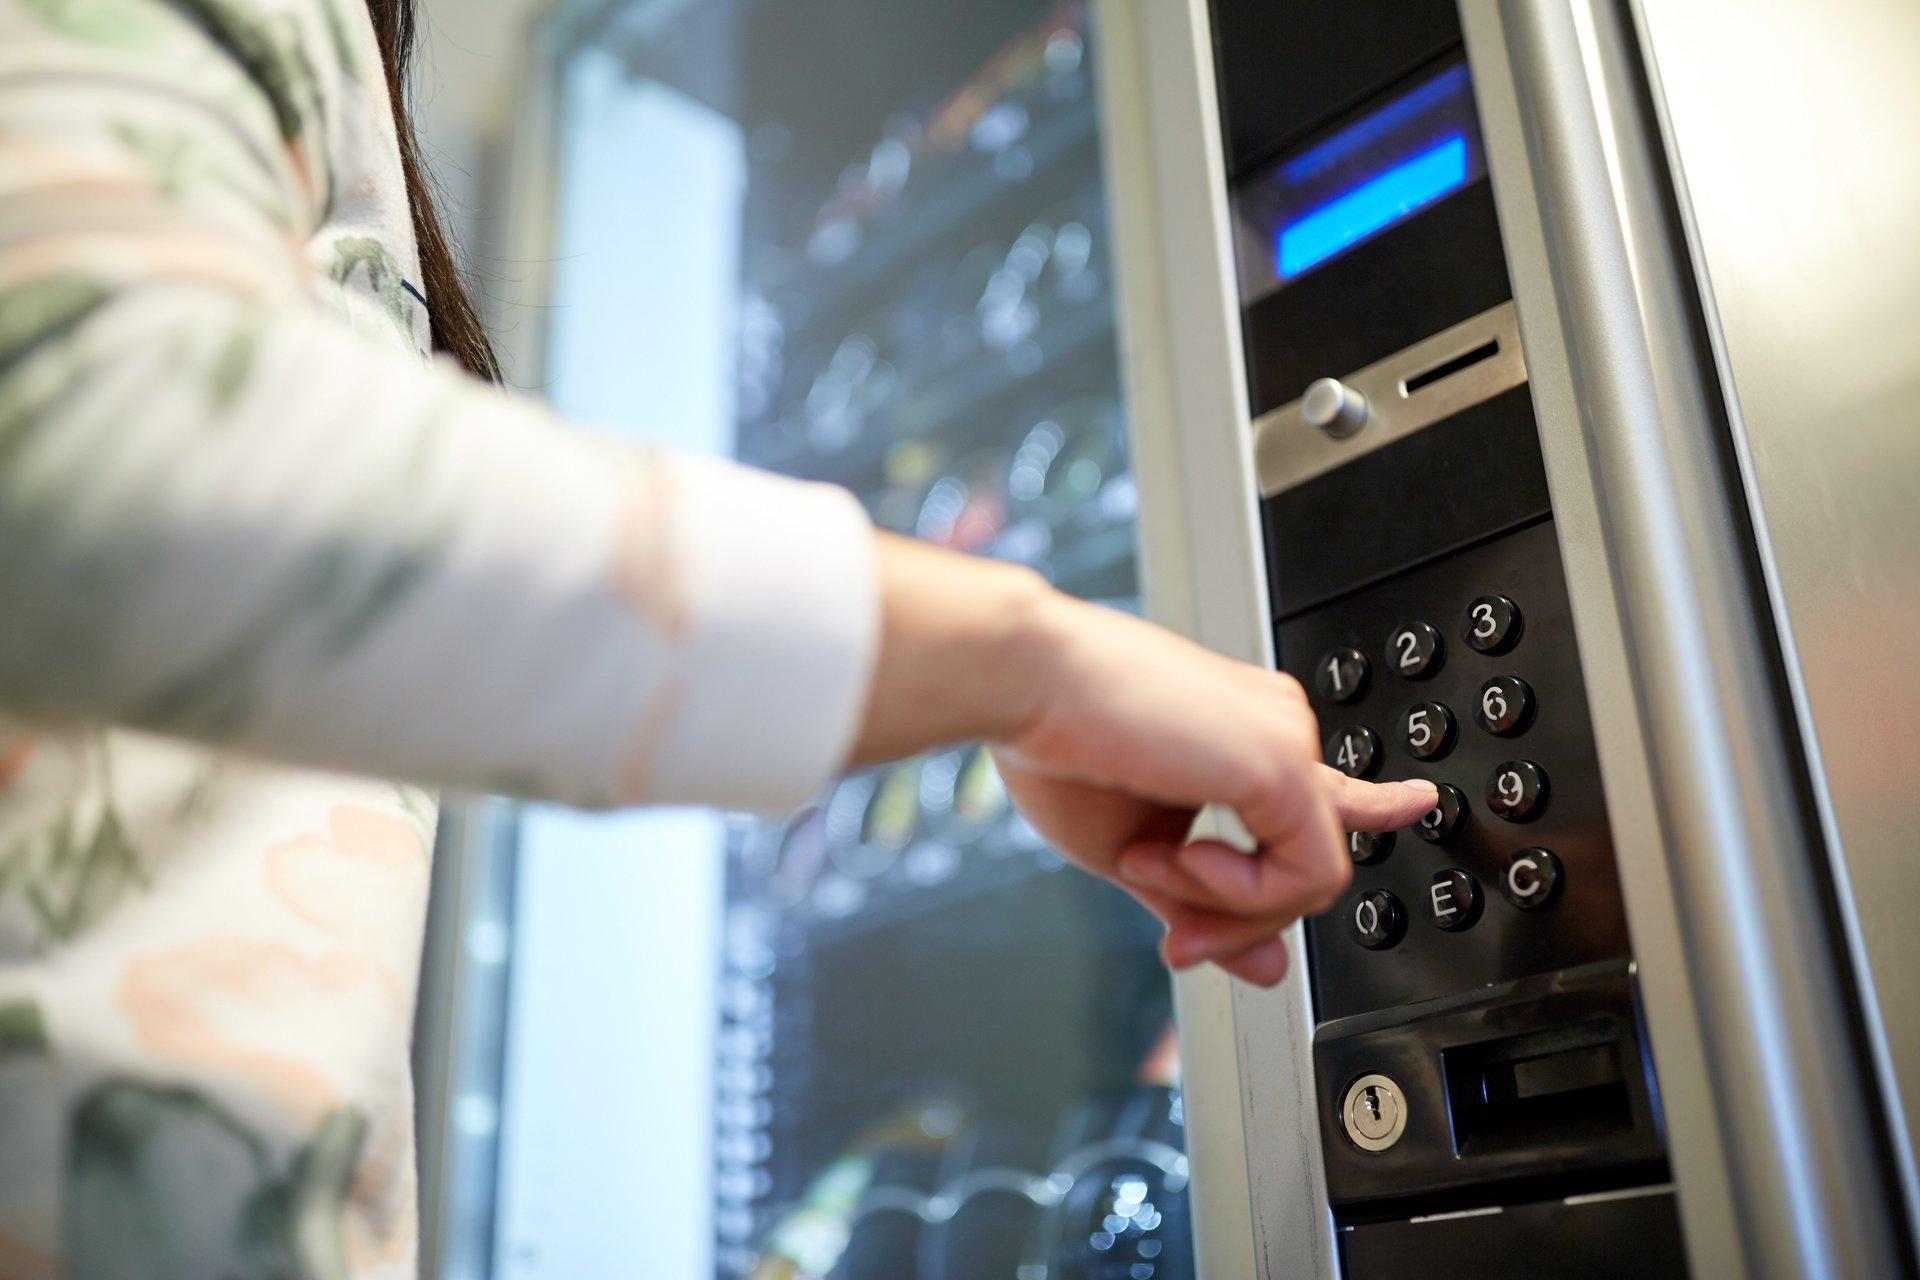 mano che digita il numero su un distributore automatico